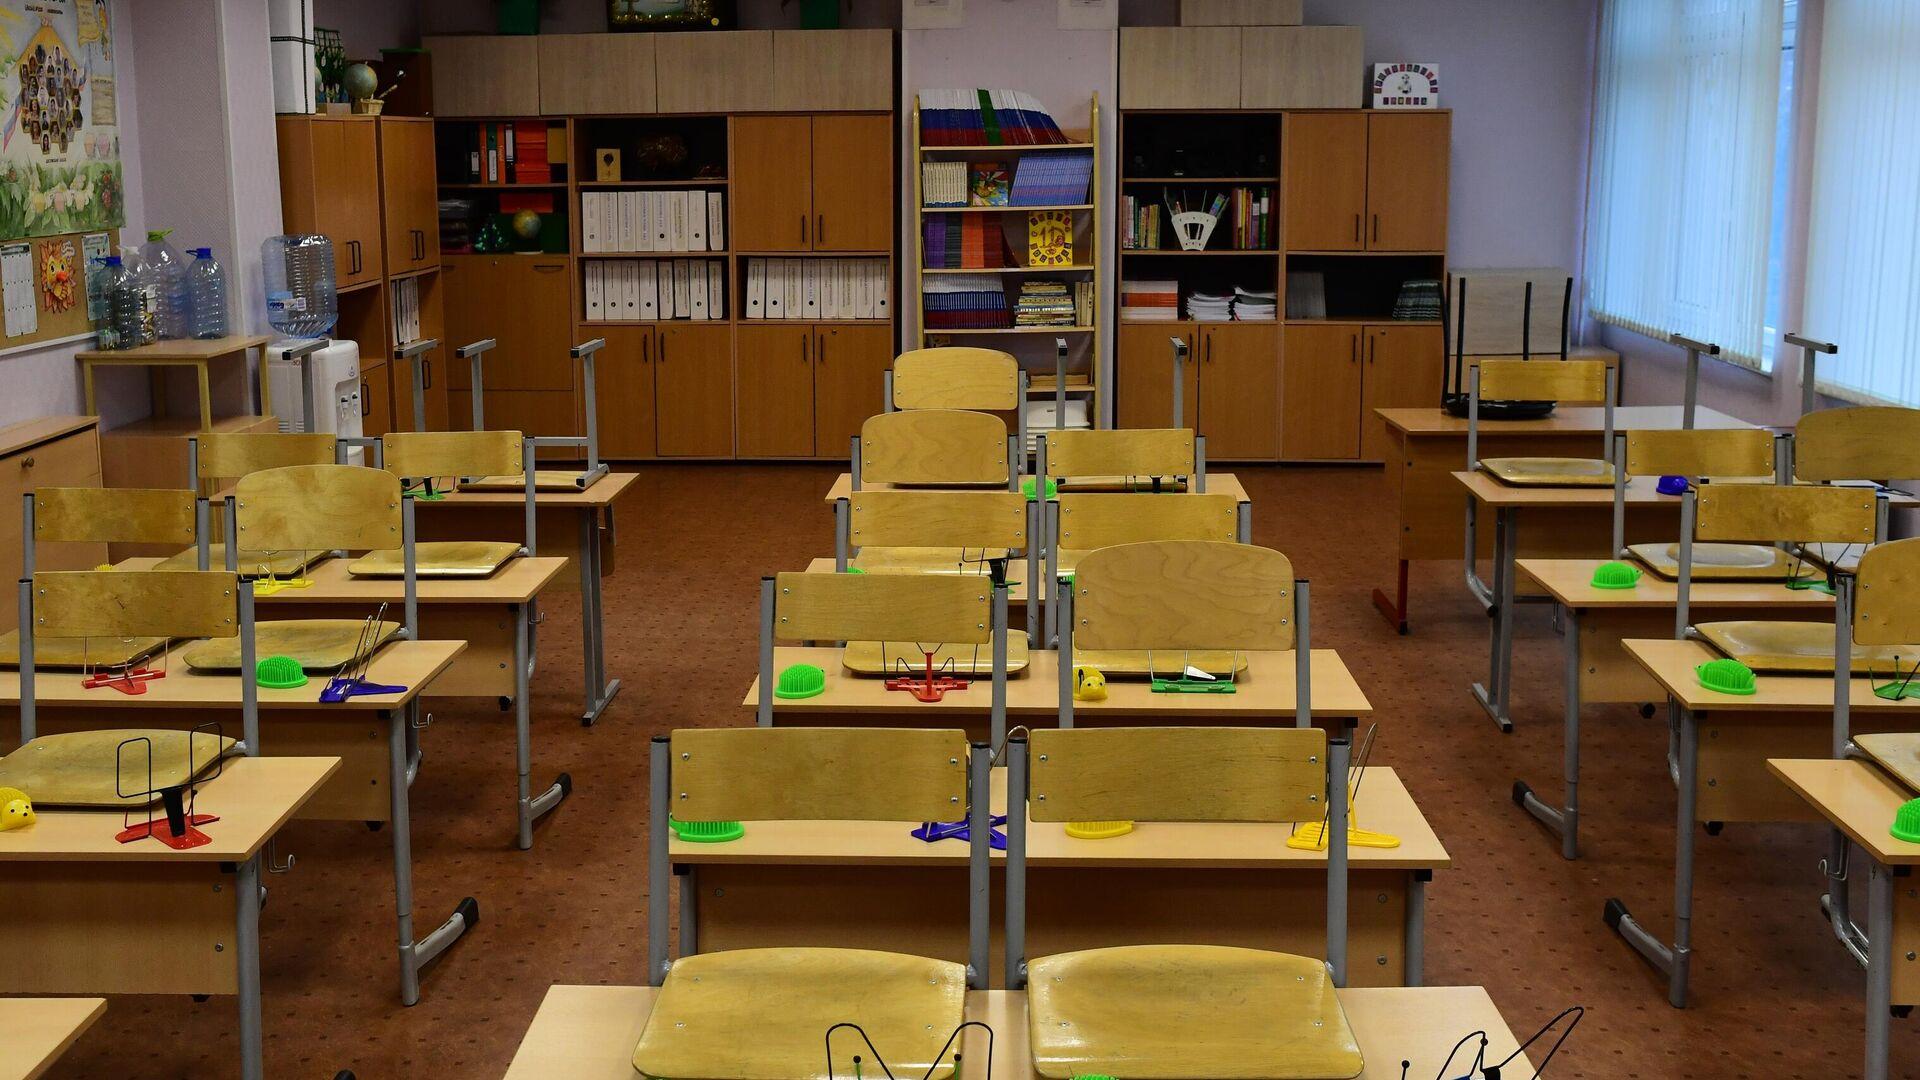 Пустой учебный класс - Sputnik Узбекистан, 1920, 11.09.2021